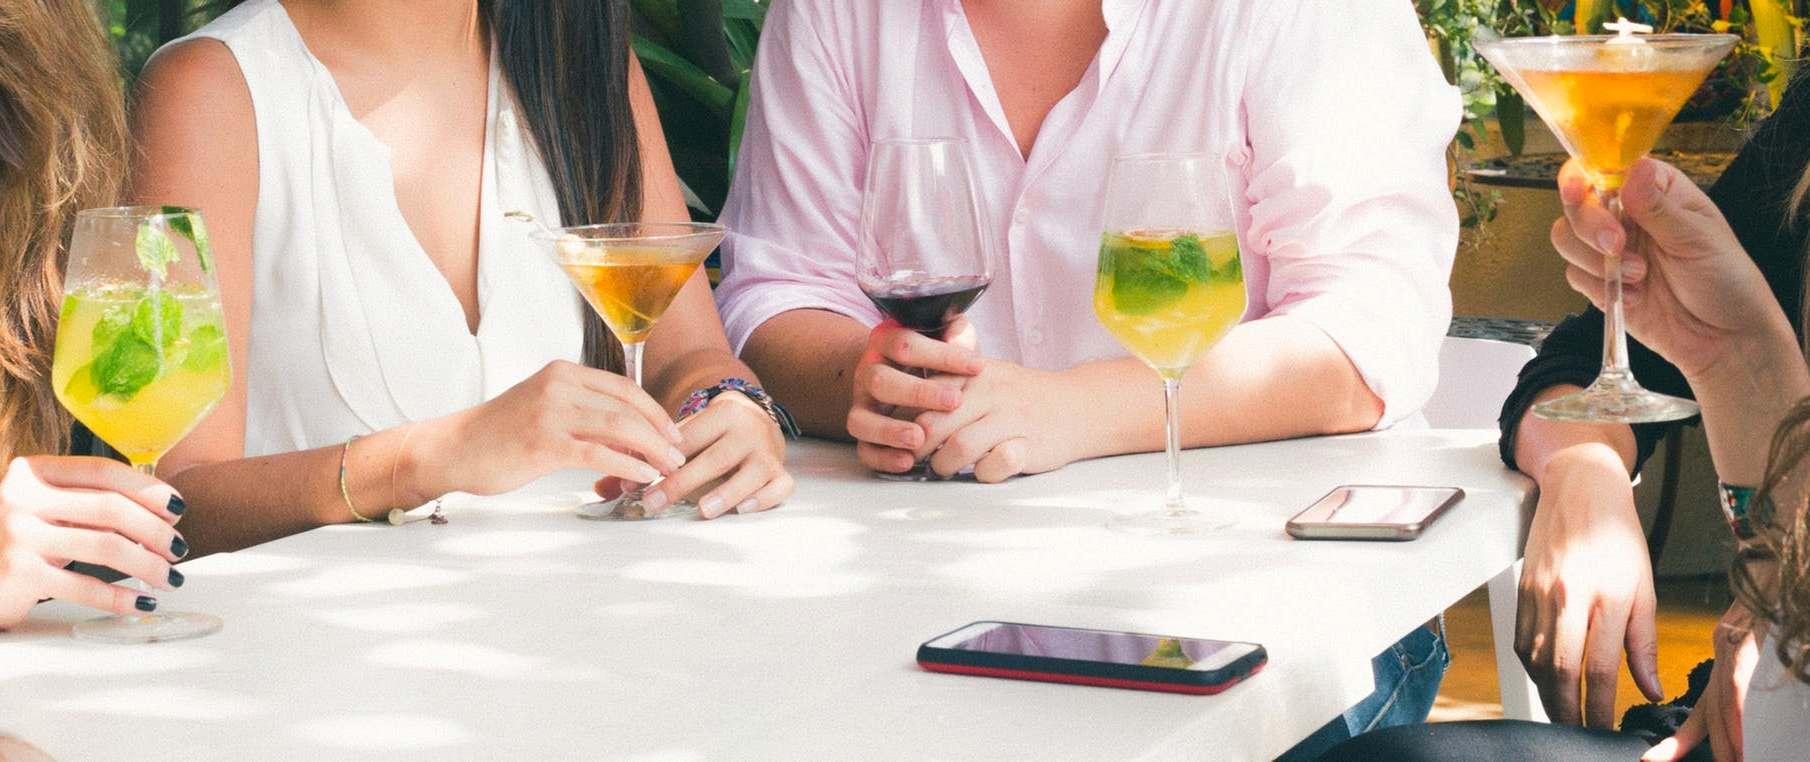 Le calorie degli alcolici, i veri nemici della linea